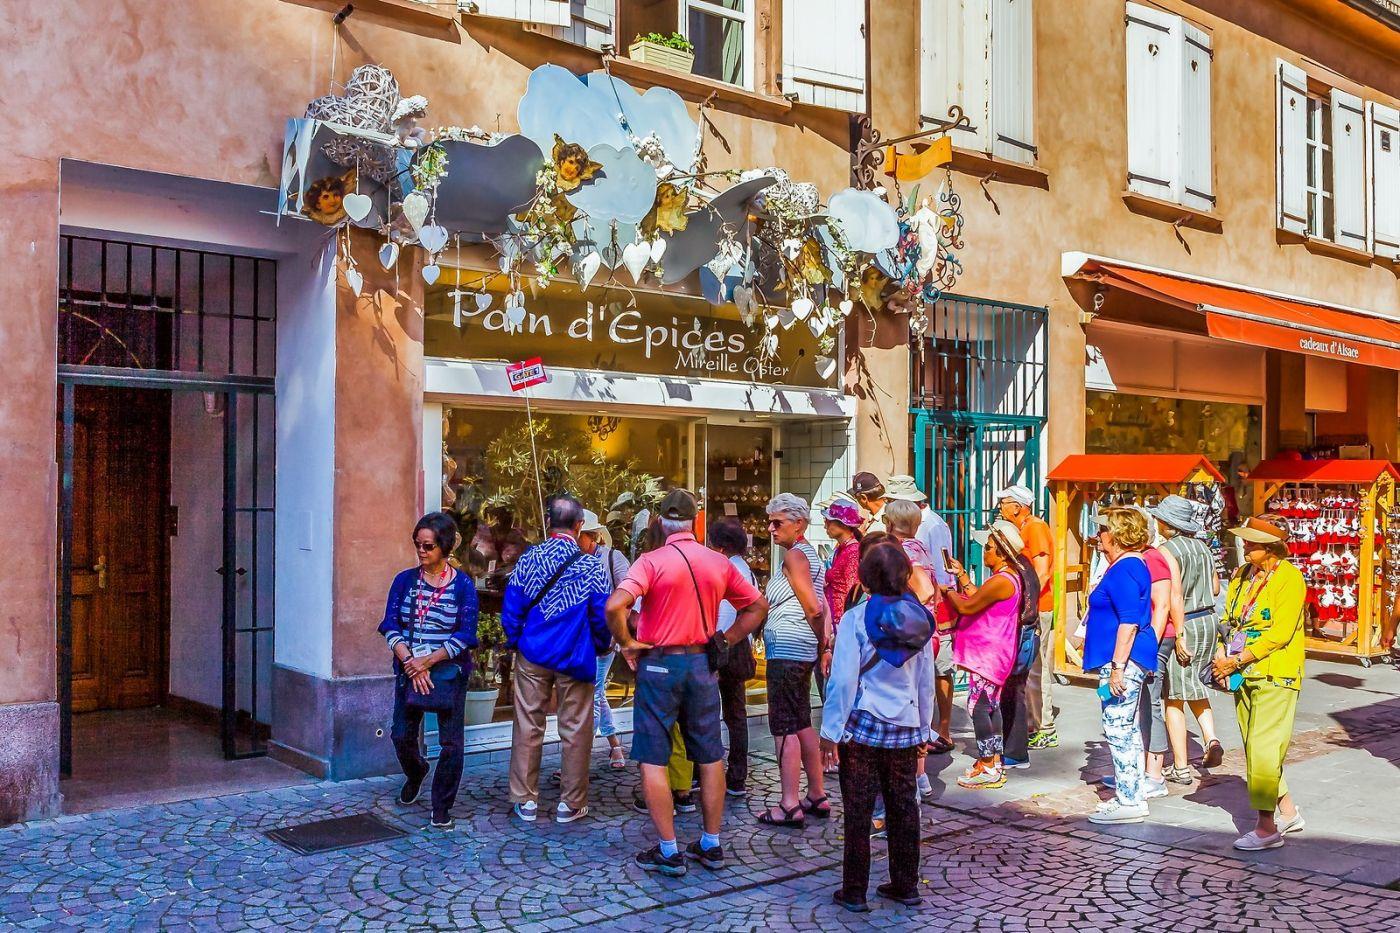 法国斯特拉斯堡(Strasbourg),边走边拍_图1-27